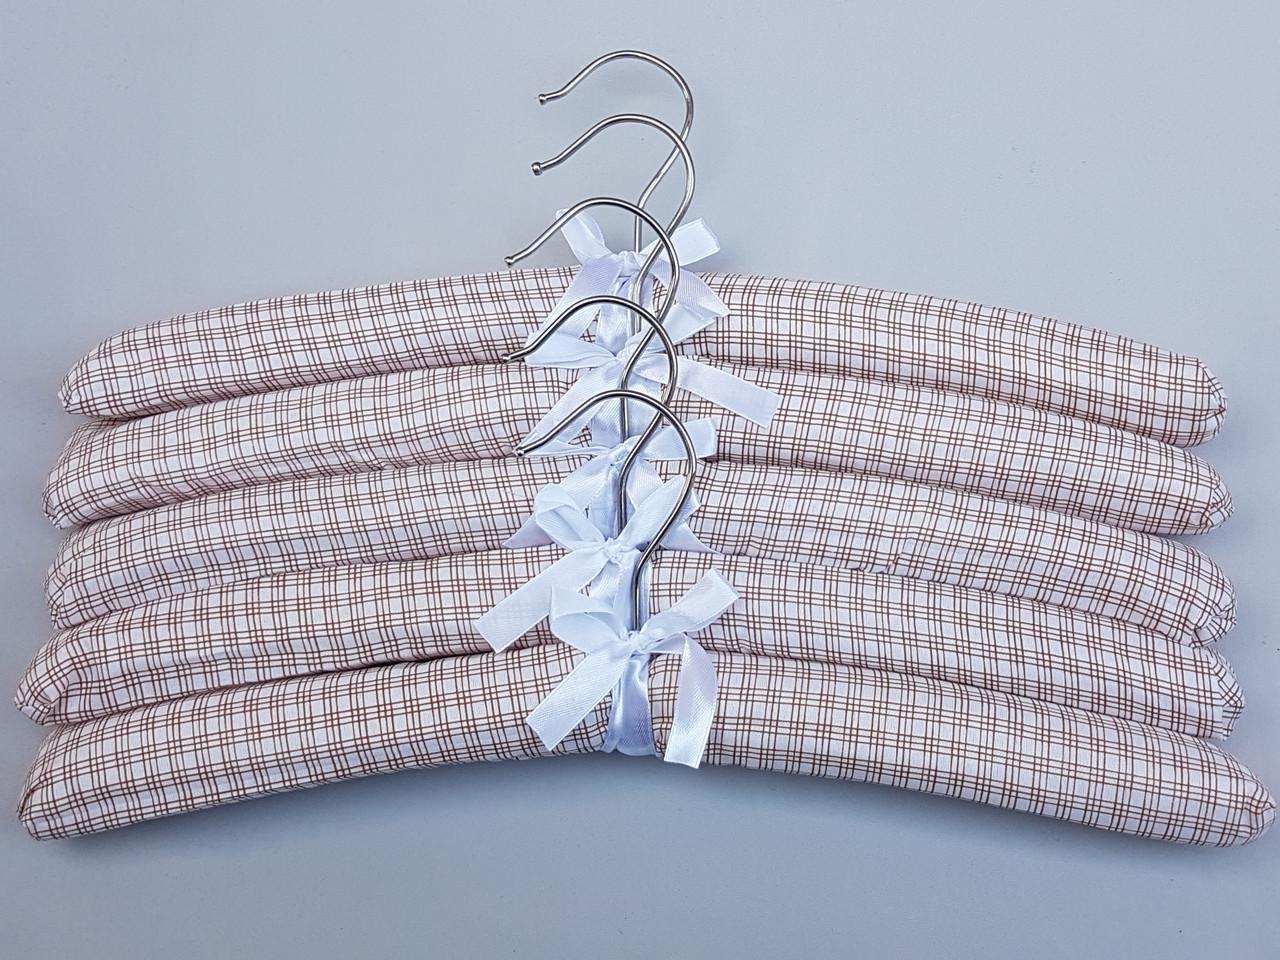 Плечики вешалки  мягкие тканевые для деликатных вещей квадрат коричневого цвета, длина 38 см,в упаковке 5 штук